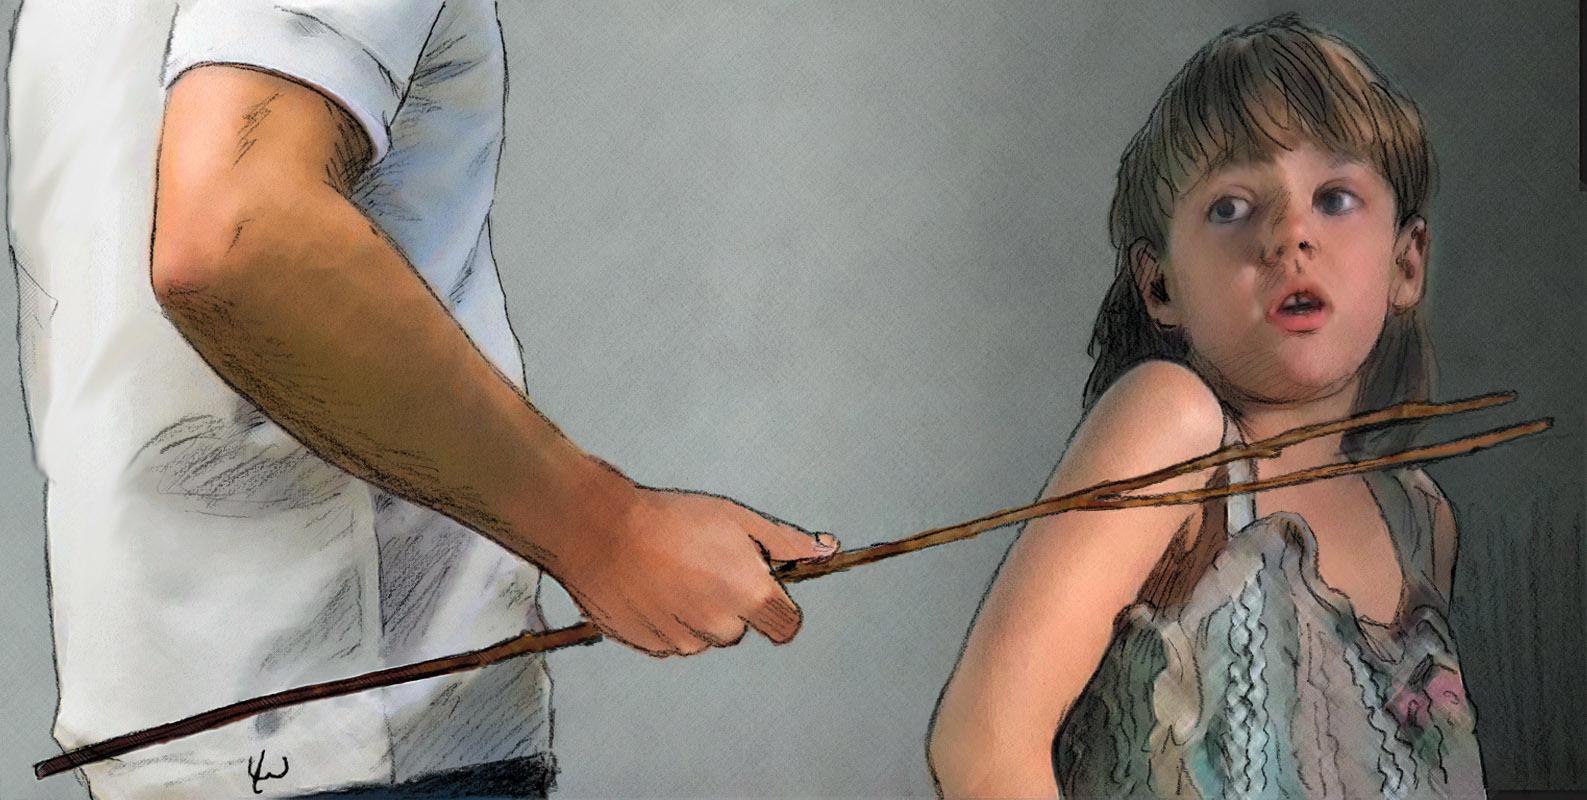 Поротые девушки картинки, Порка девушекфотография ВКонтакте 7 фотография